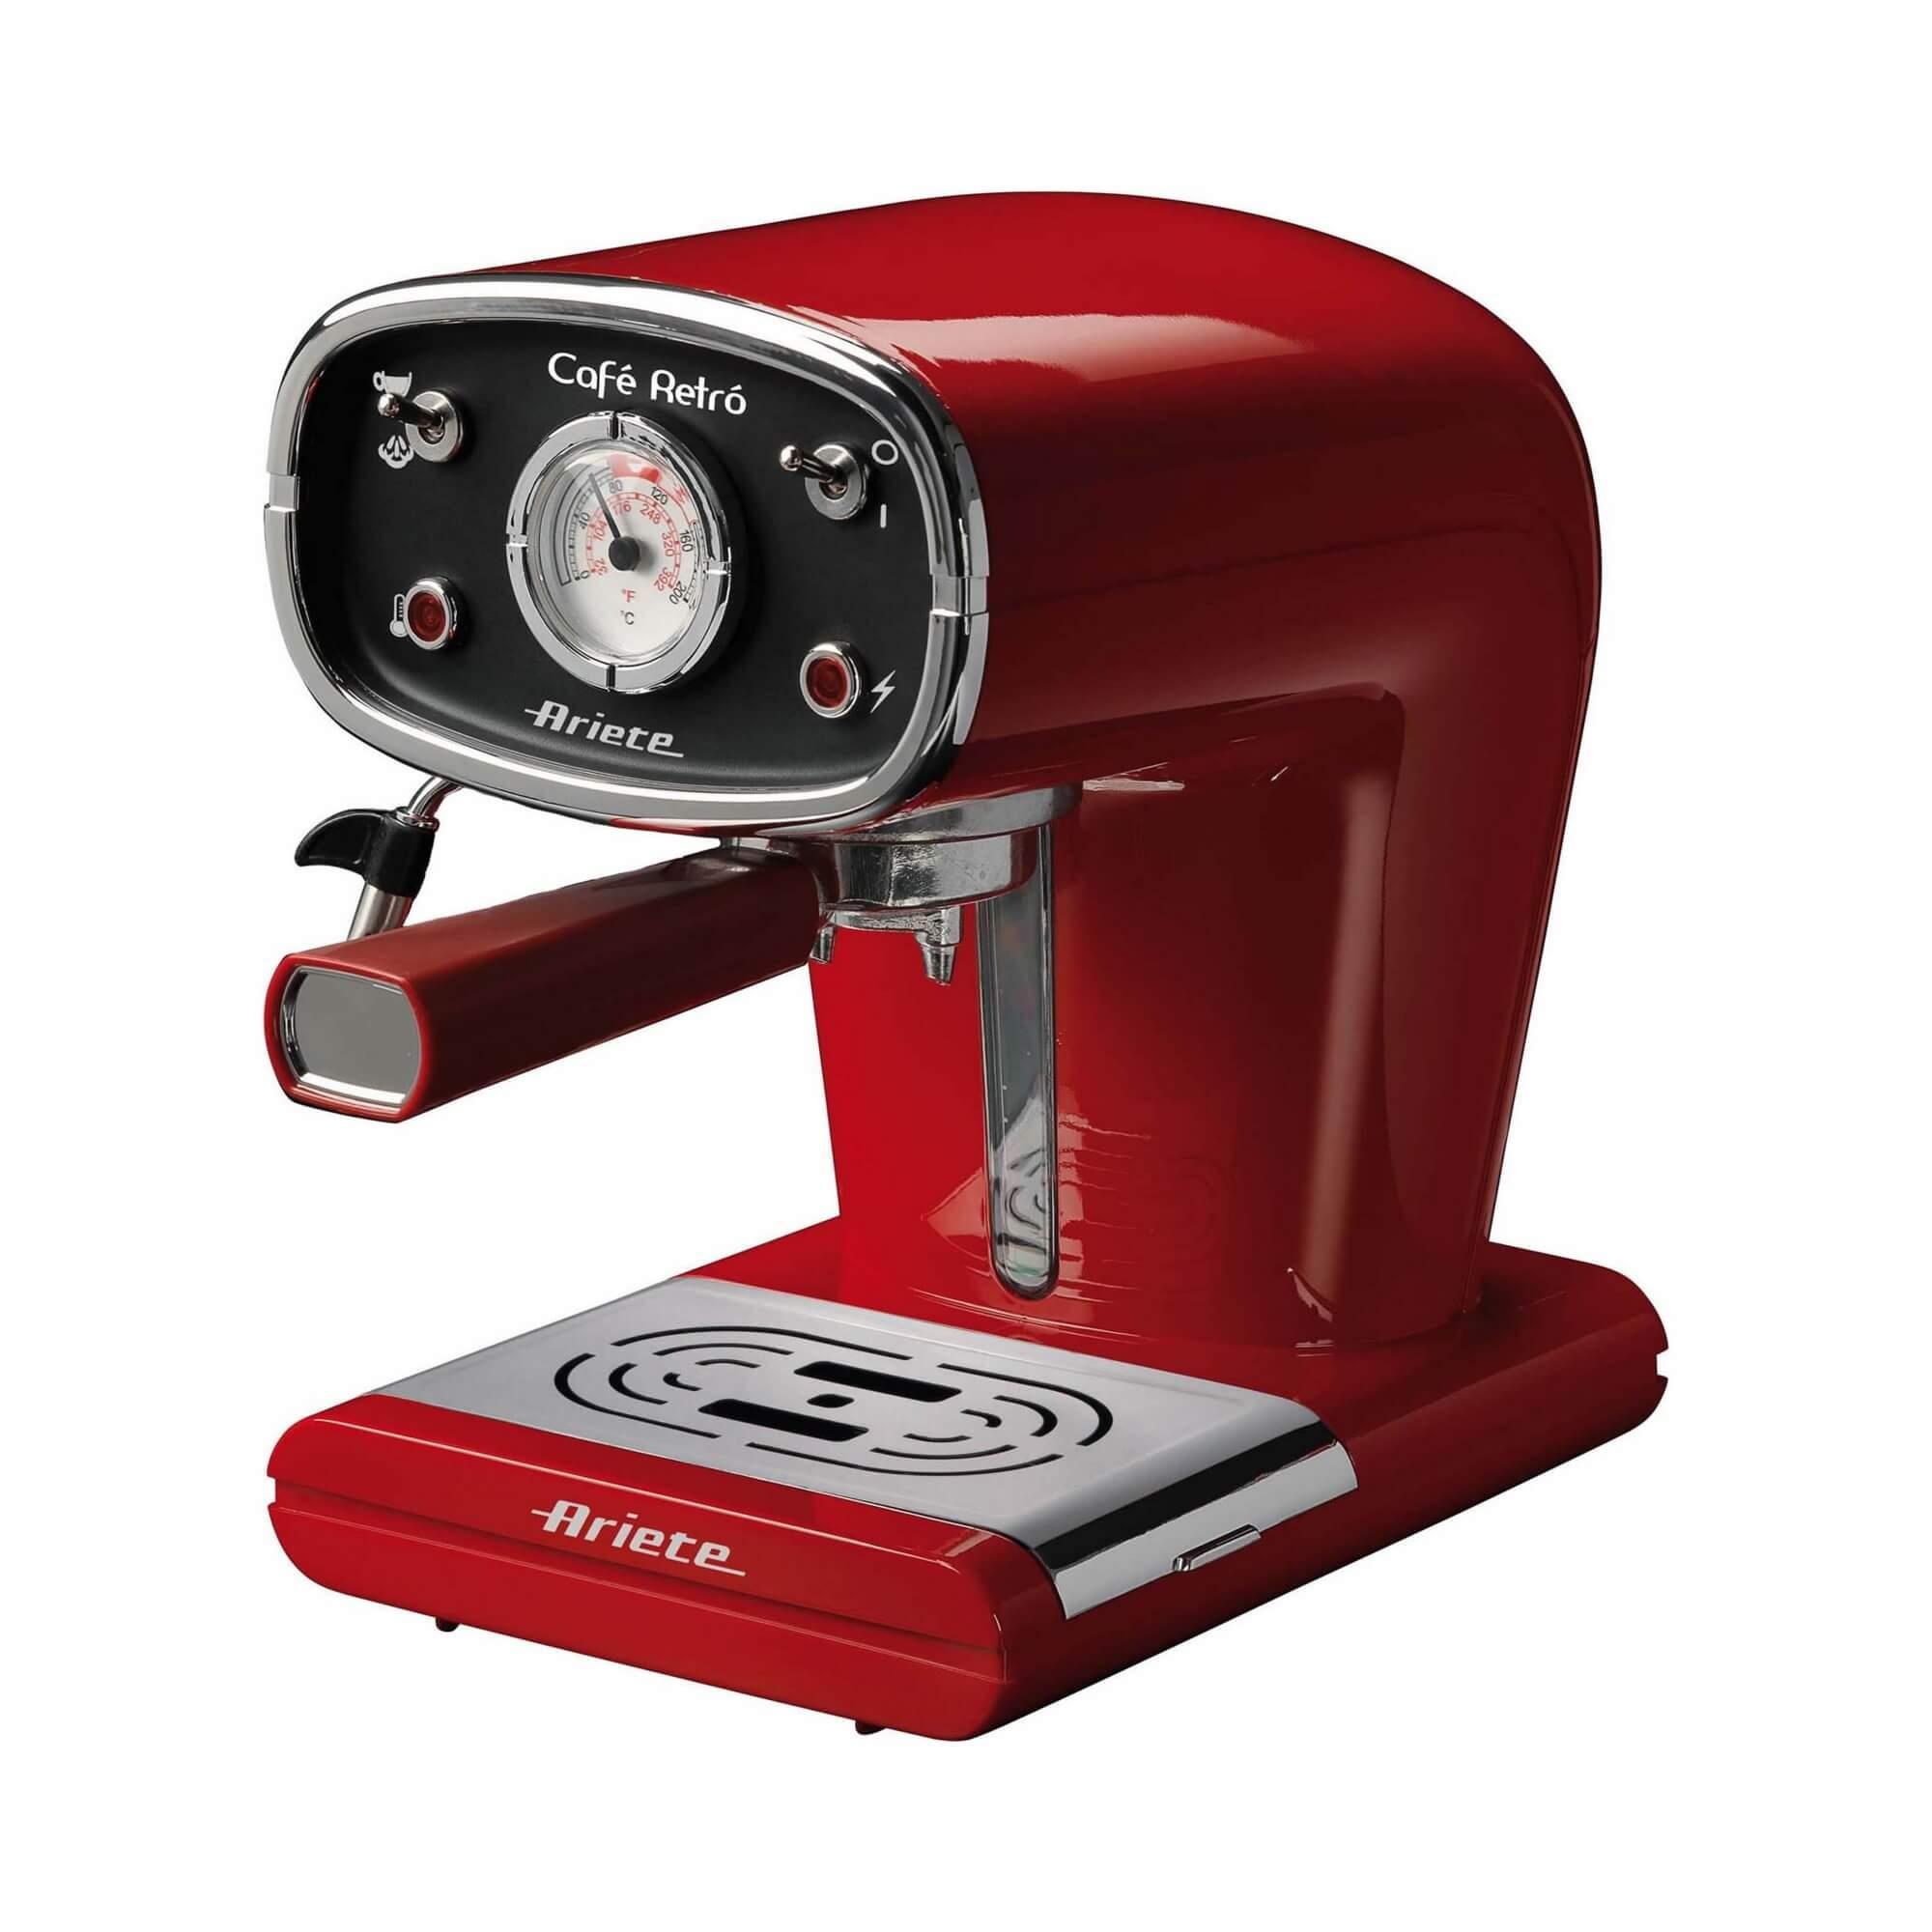 Caf retro rossa ariete prezzi - La porta rossa film completo ...